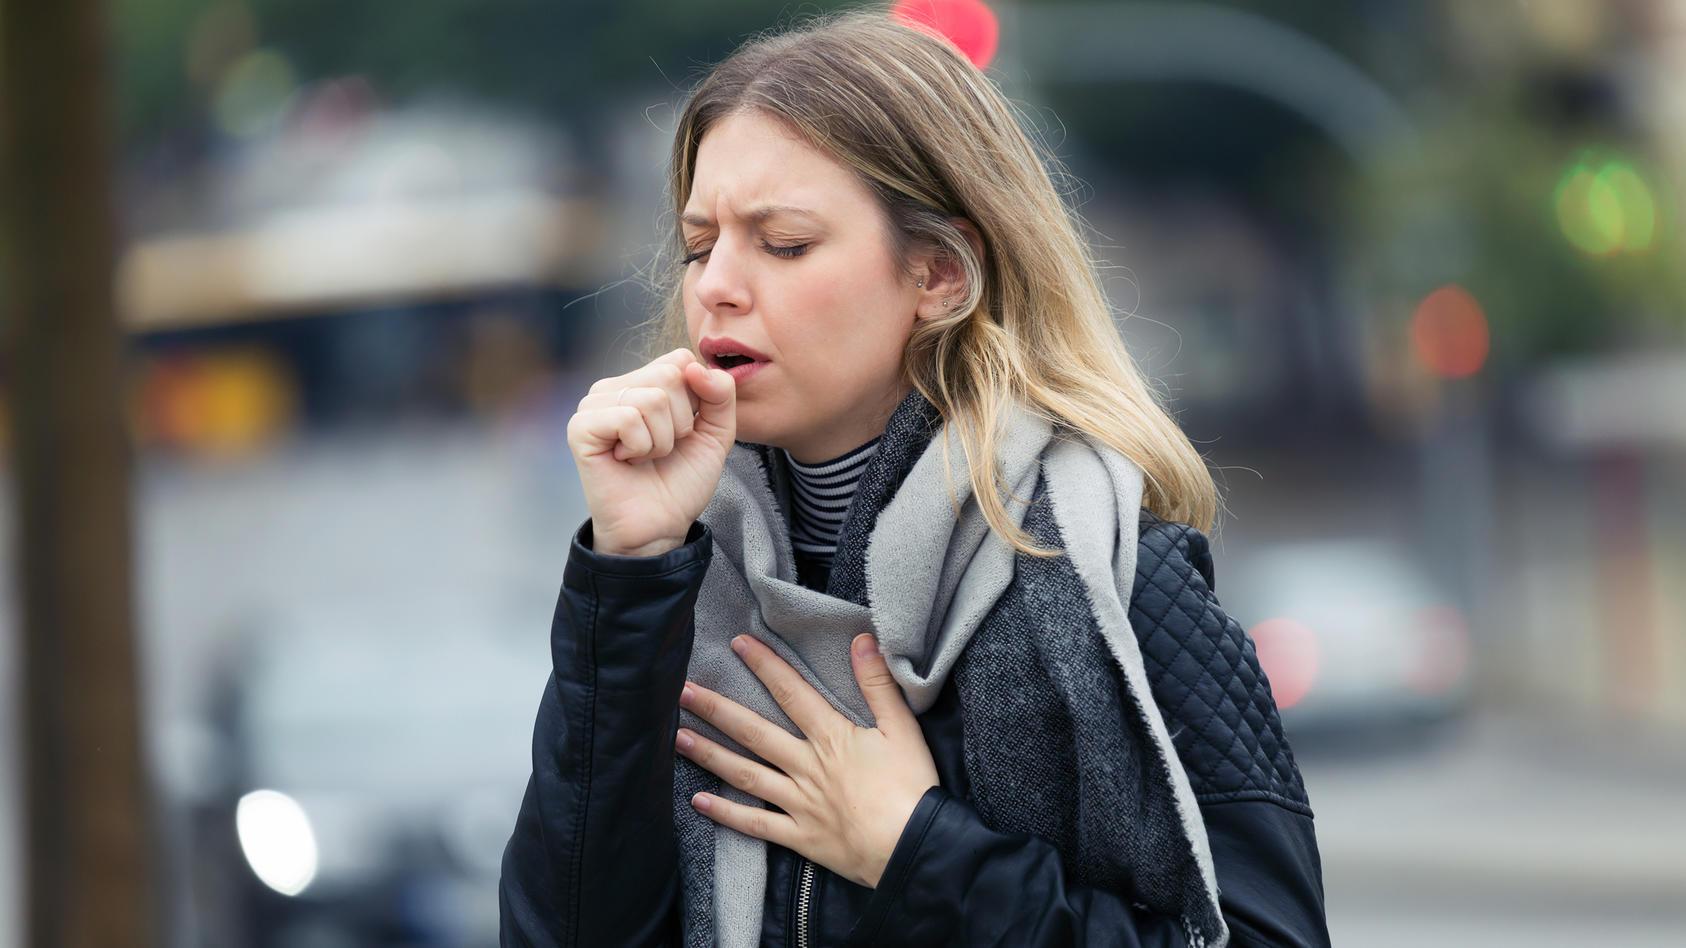 2018 sind deutschlandweit knapp 5500 Menschen an Tuberkulose erkrankt. Länger bestehender Husten ist ein Symptom für die Krankheit.